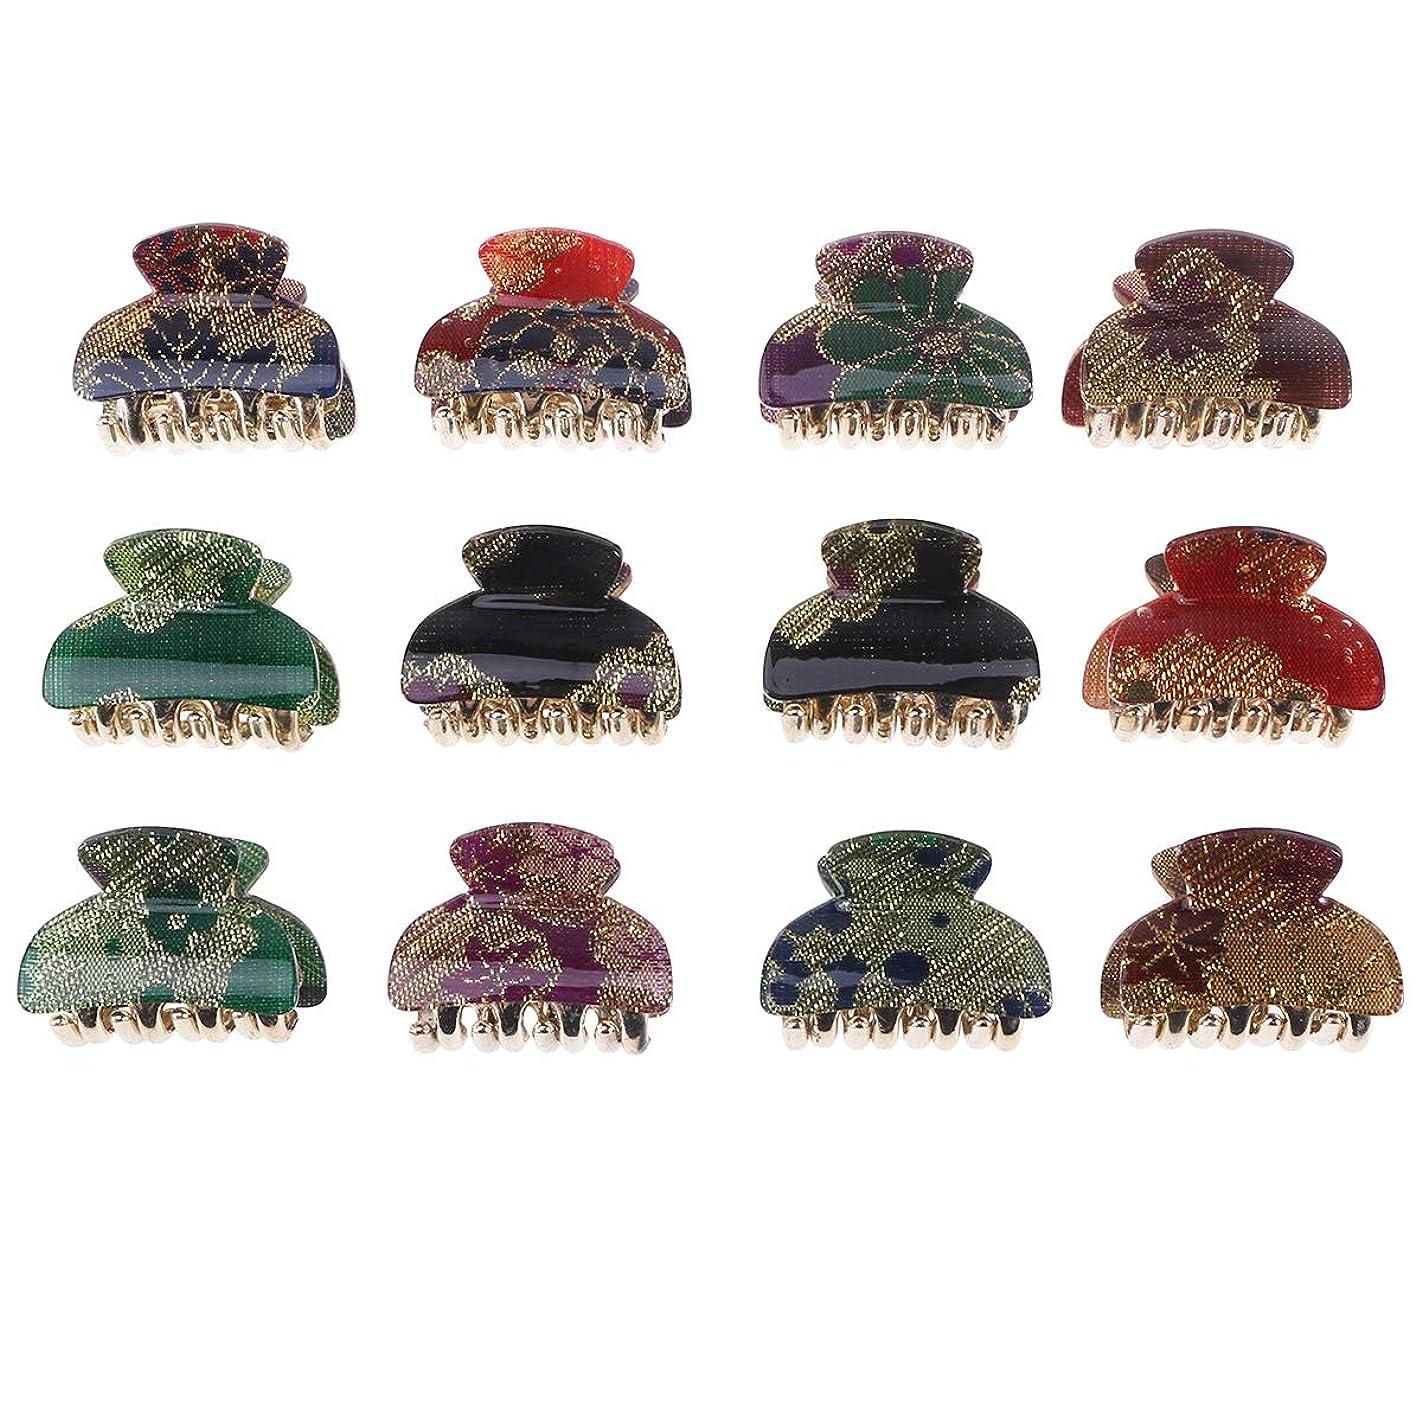 無駄な促す物語LURROSE 12本の小さな髪の爪アクリルゴールデンラインクリップミニ髪の爪の女性の女性のためのヘアクランプ